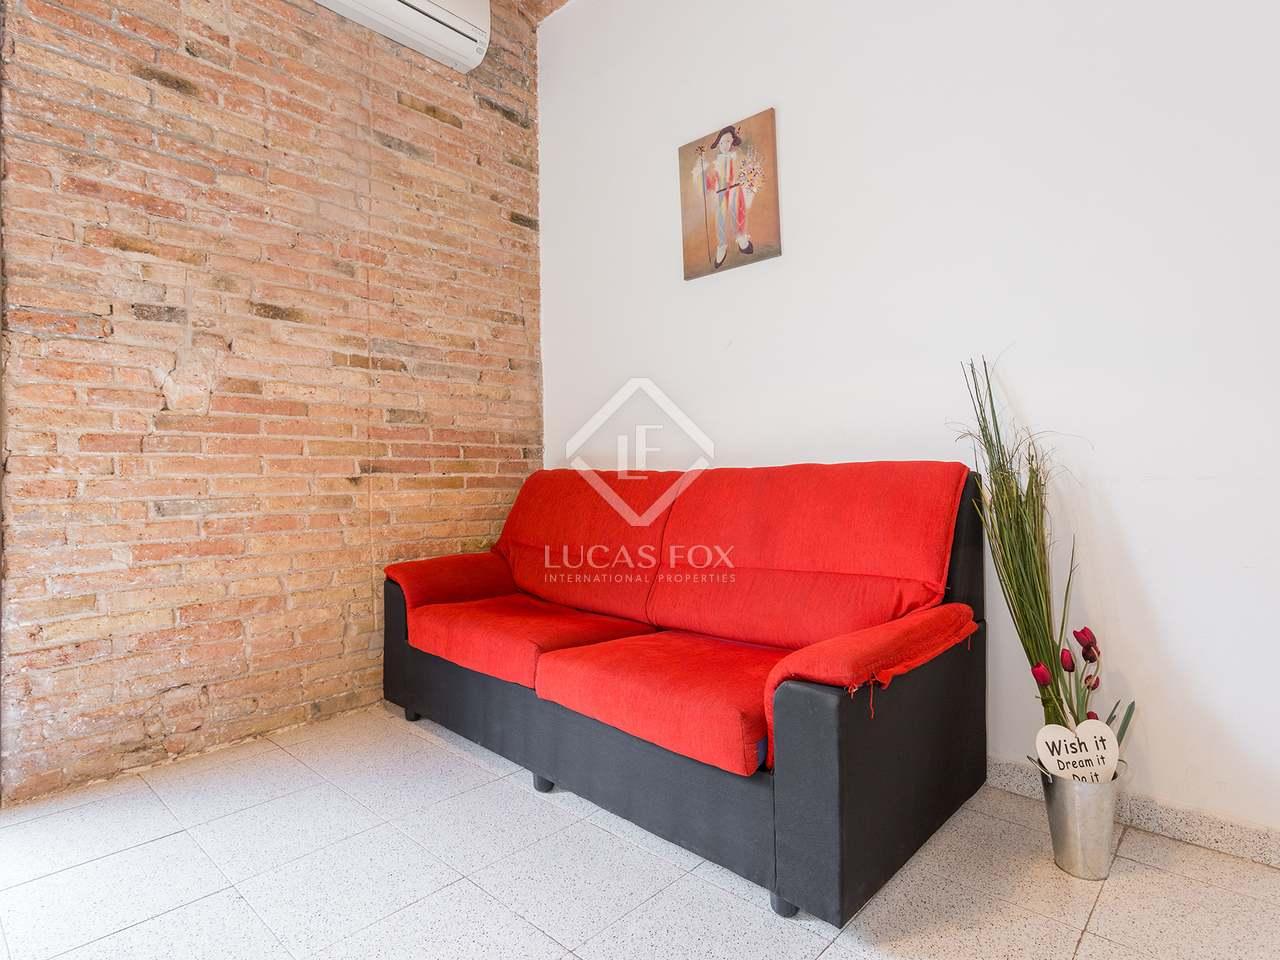 Apartamento de 55m en venta en poblenou barcelona - Piso con licencia turistica barcelona ...